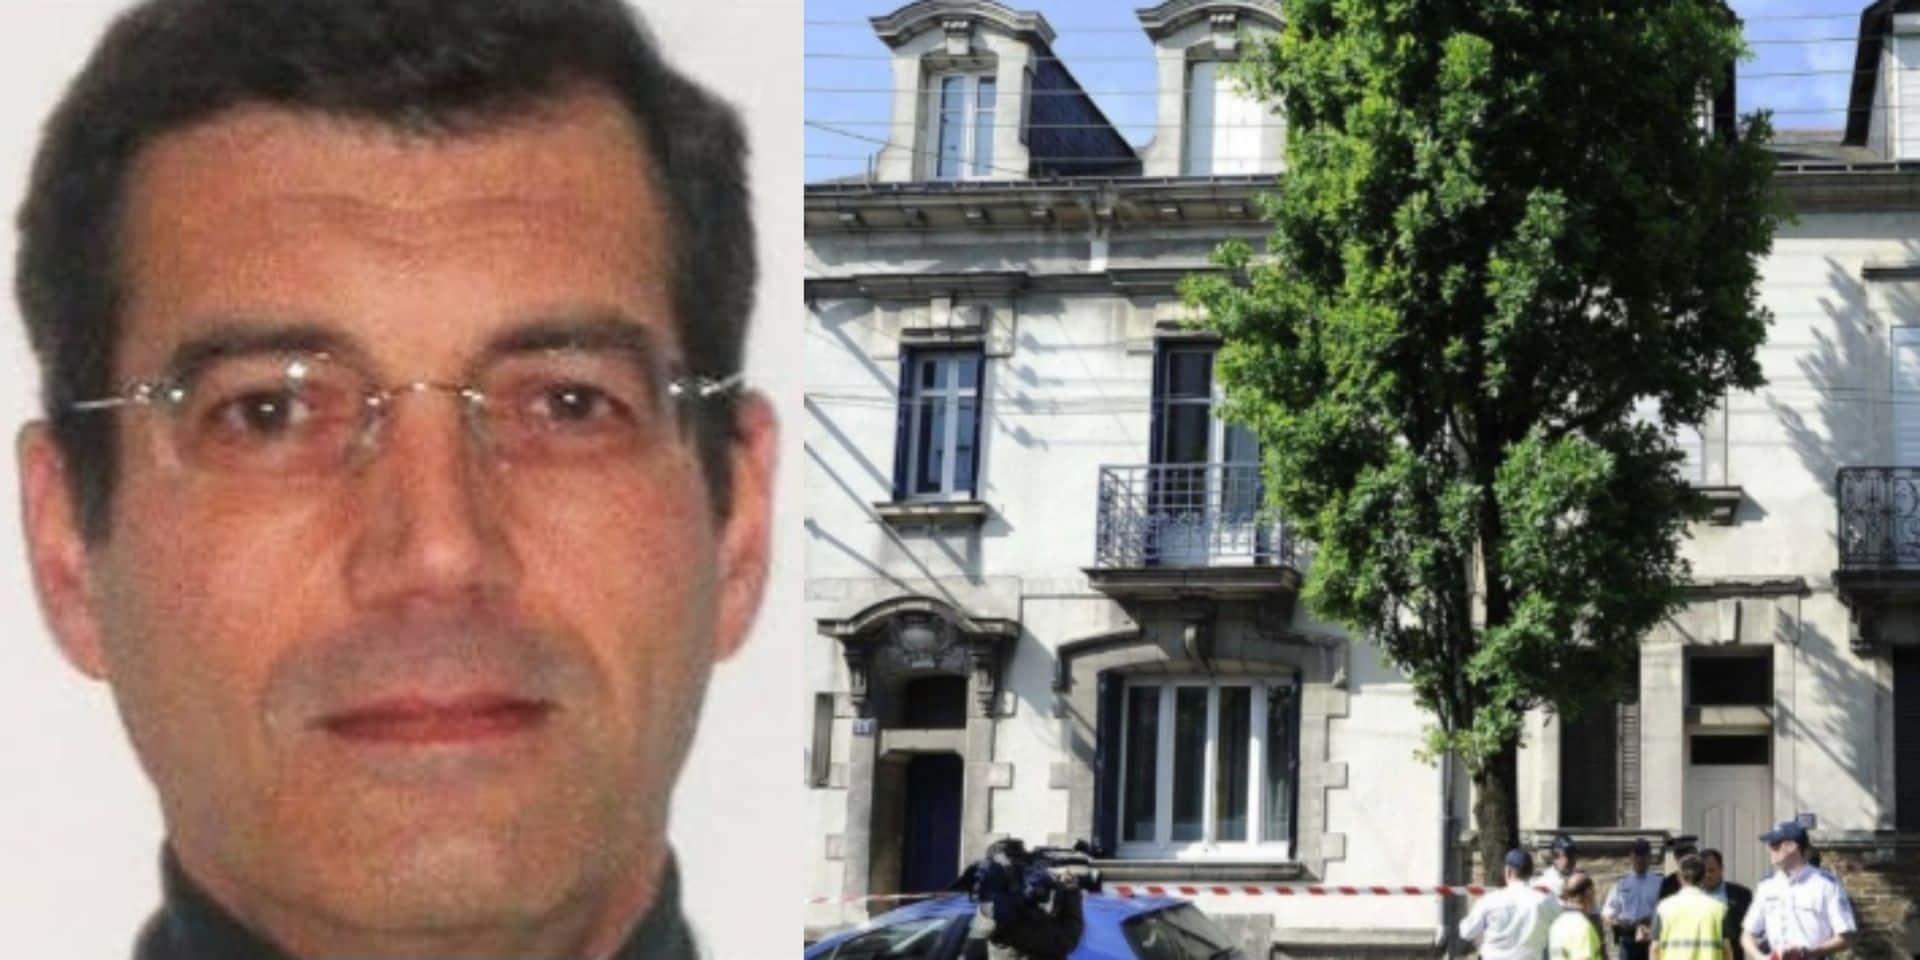 Méconnaissable, Xavier Dupont de Ligonnès, soupçonné d'avoir tué toute sa famille à Nantes en 2011, arrêté en Ecosse